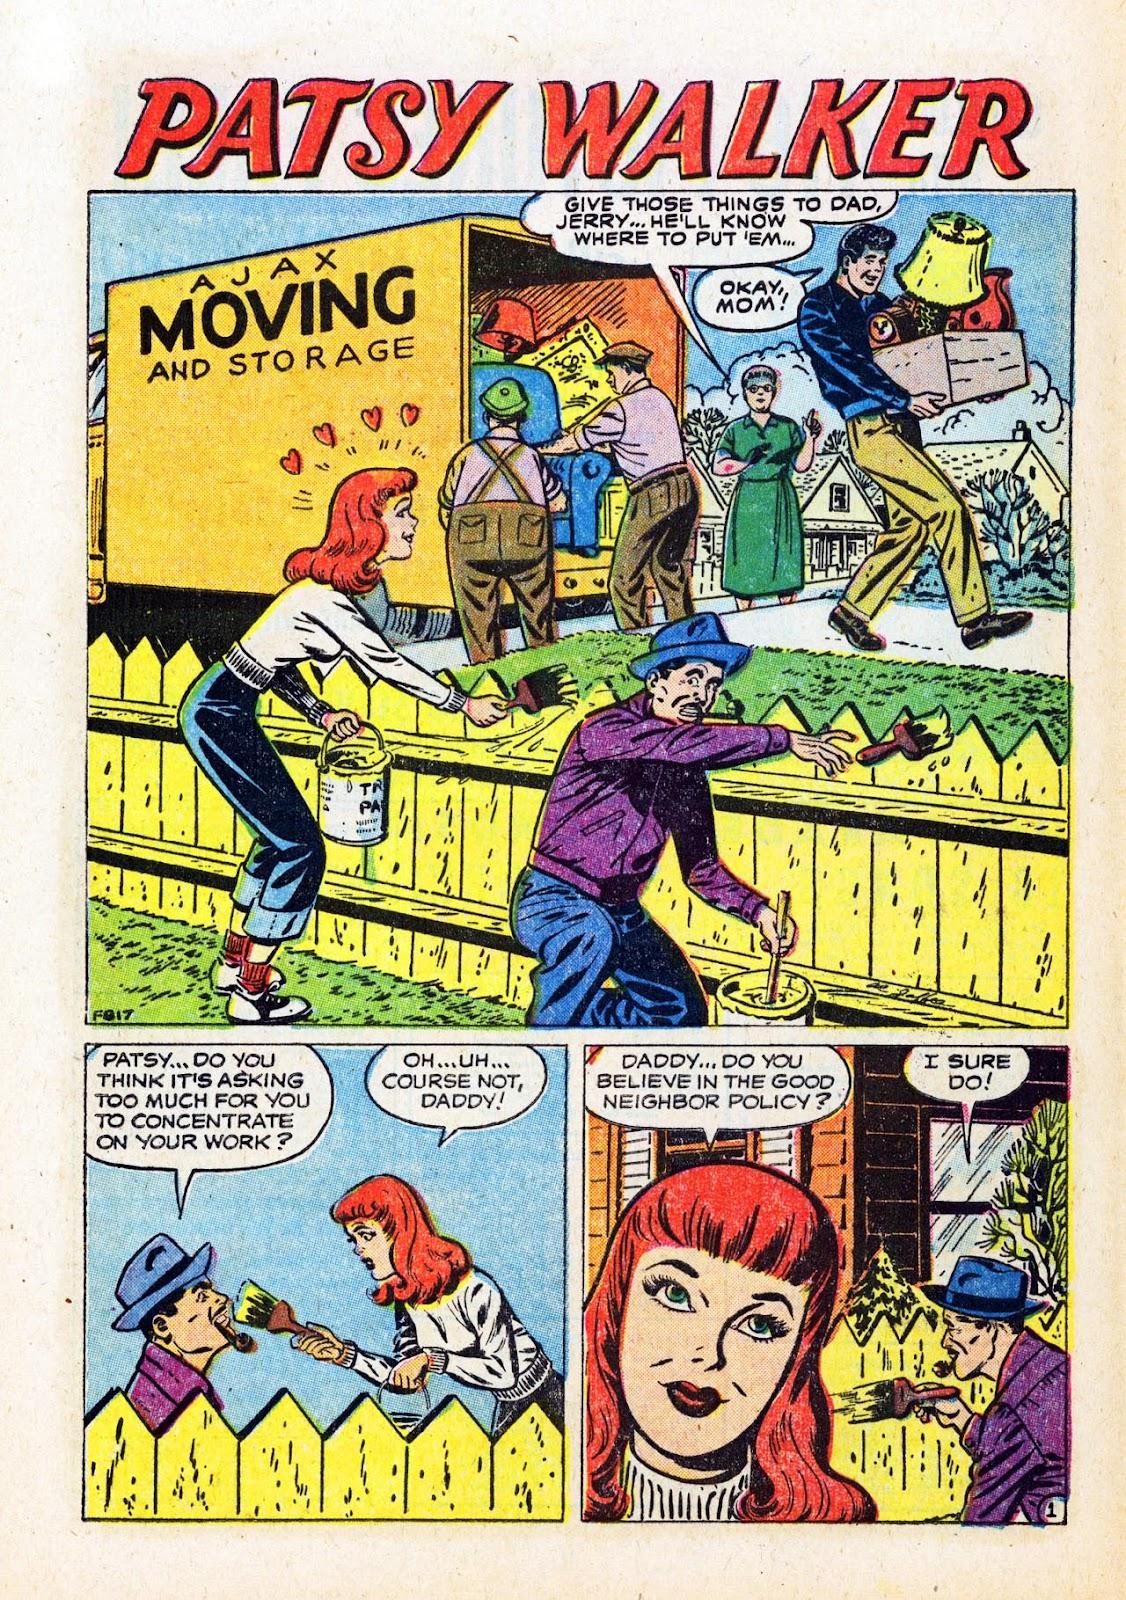 Read online Patsy Walker comic -  Issue #58 - 28